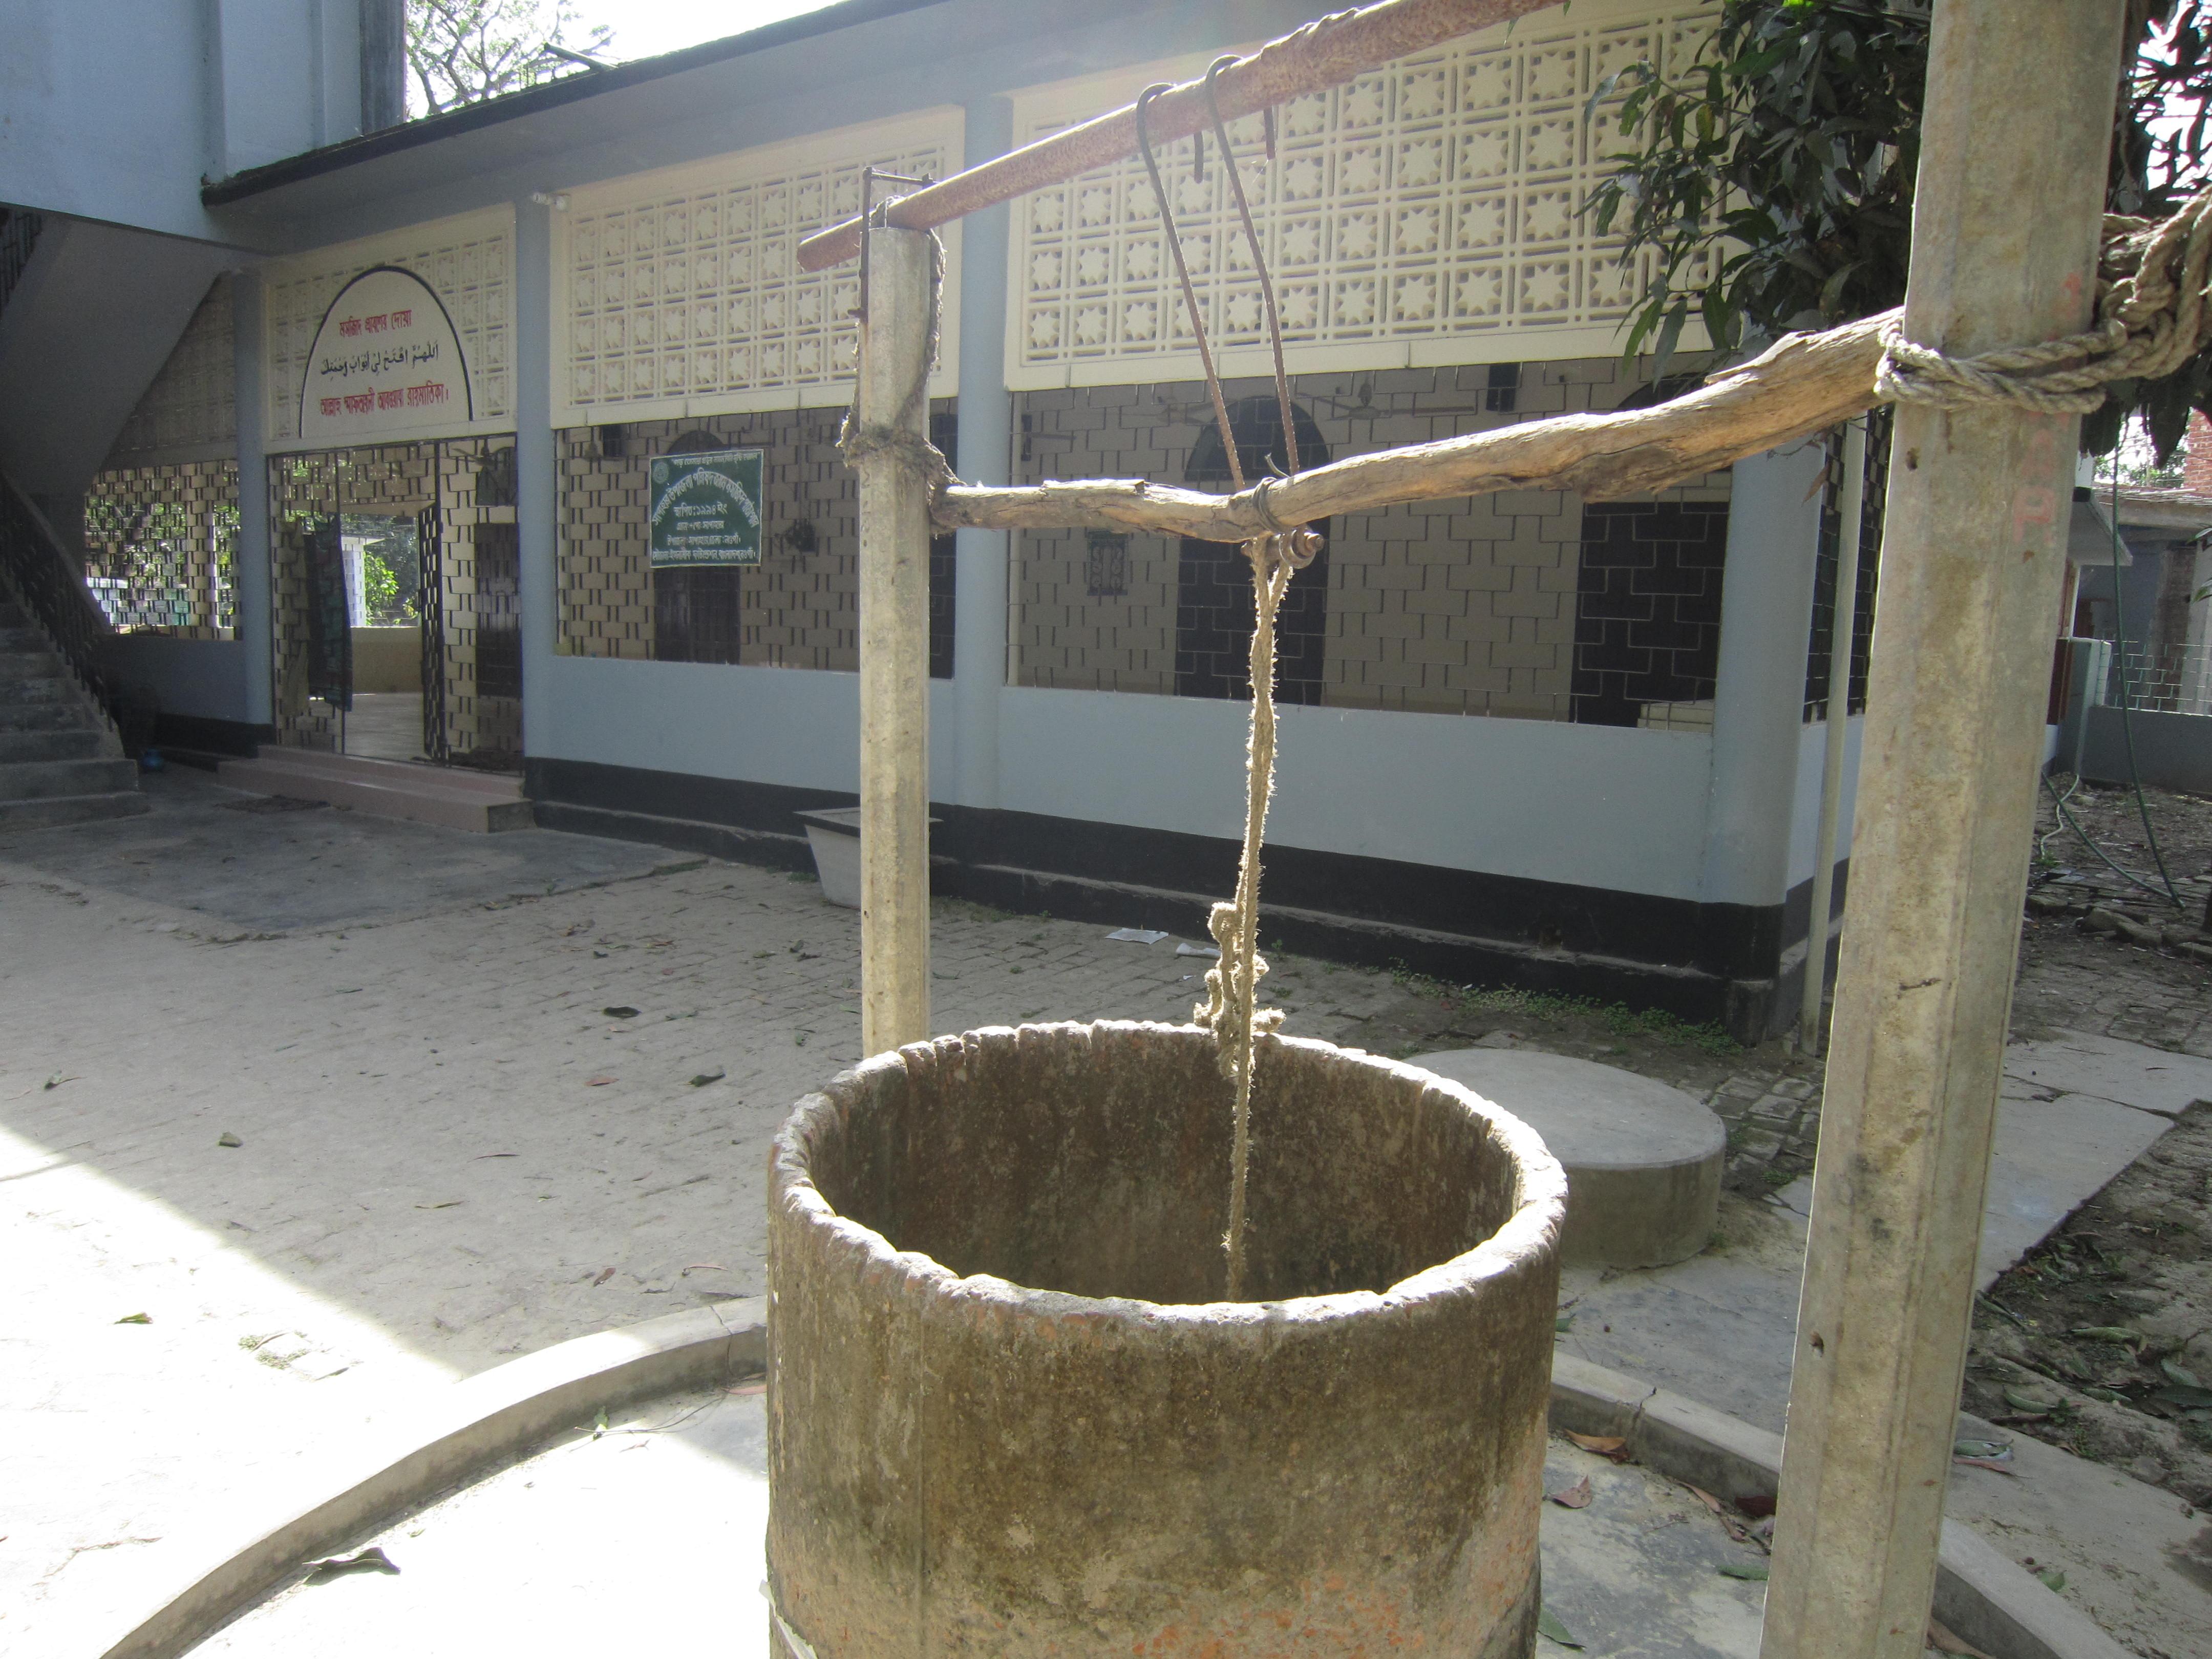 পানির উৎস স্থাপনের মাধ্যমে নিরাপদ সুপেয় পানি সরবরাহ